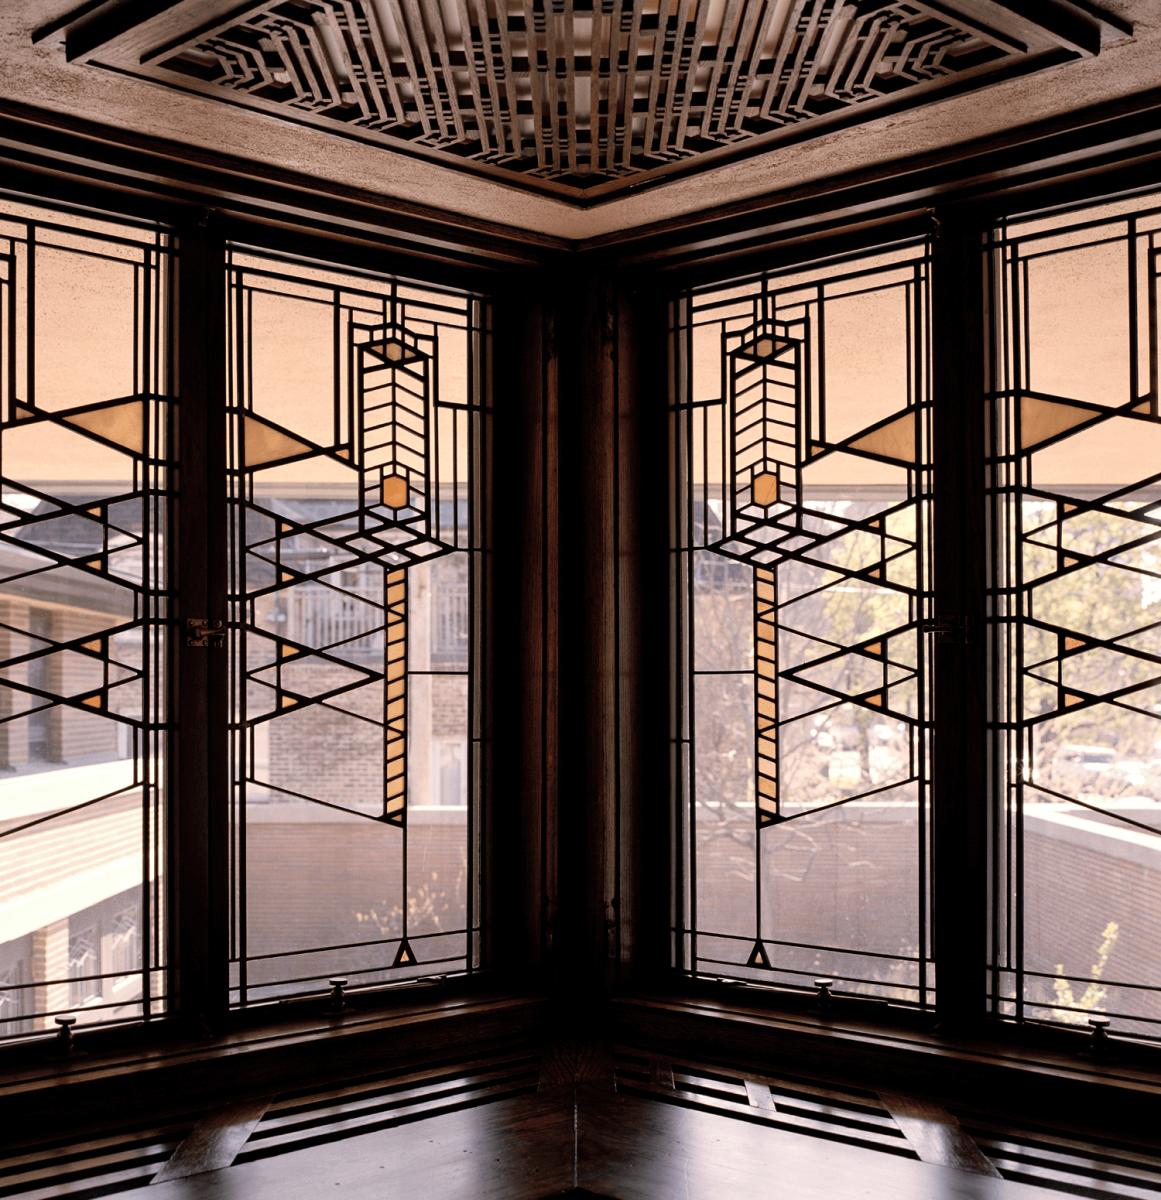 Khung cửa sổ đặc trưng được thiết kế bởi F.L.Wright